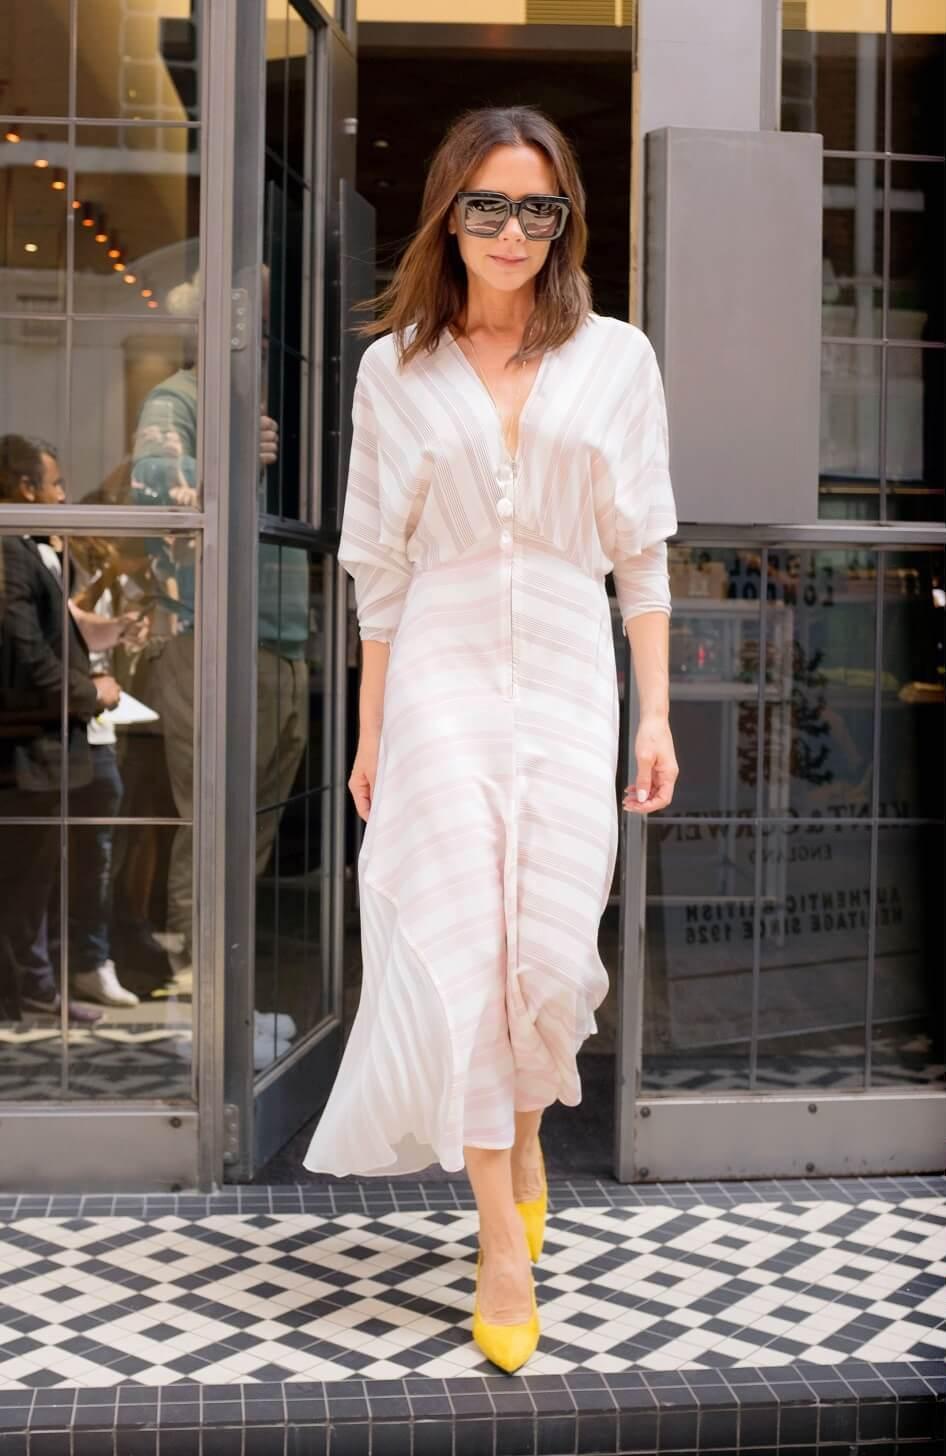 ヴィクトリア・ベッカムの私服ファッション写真(白のドレス)